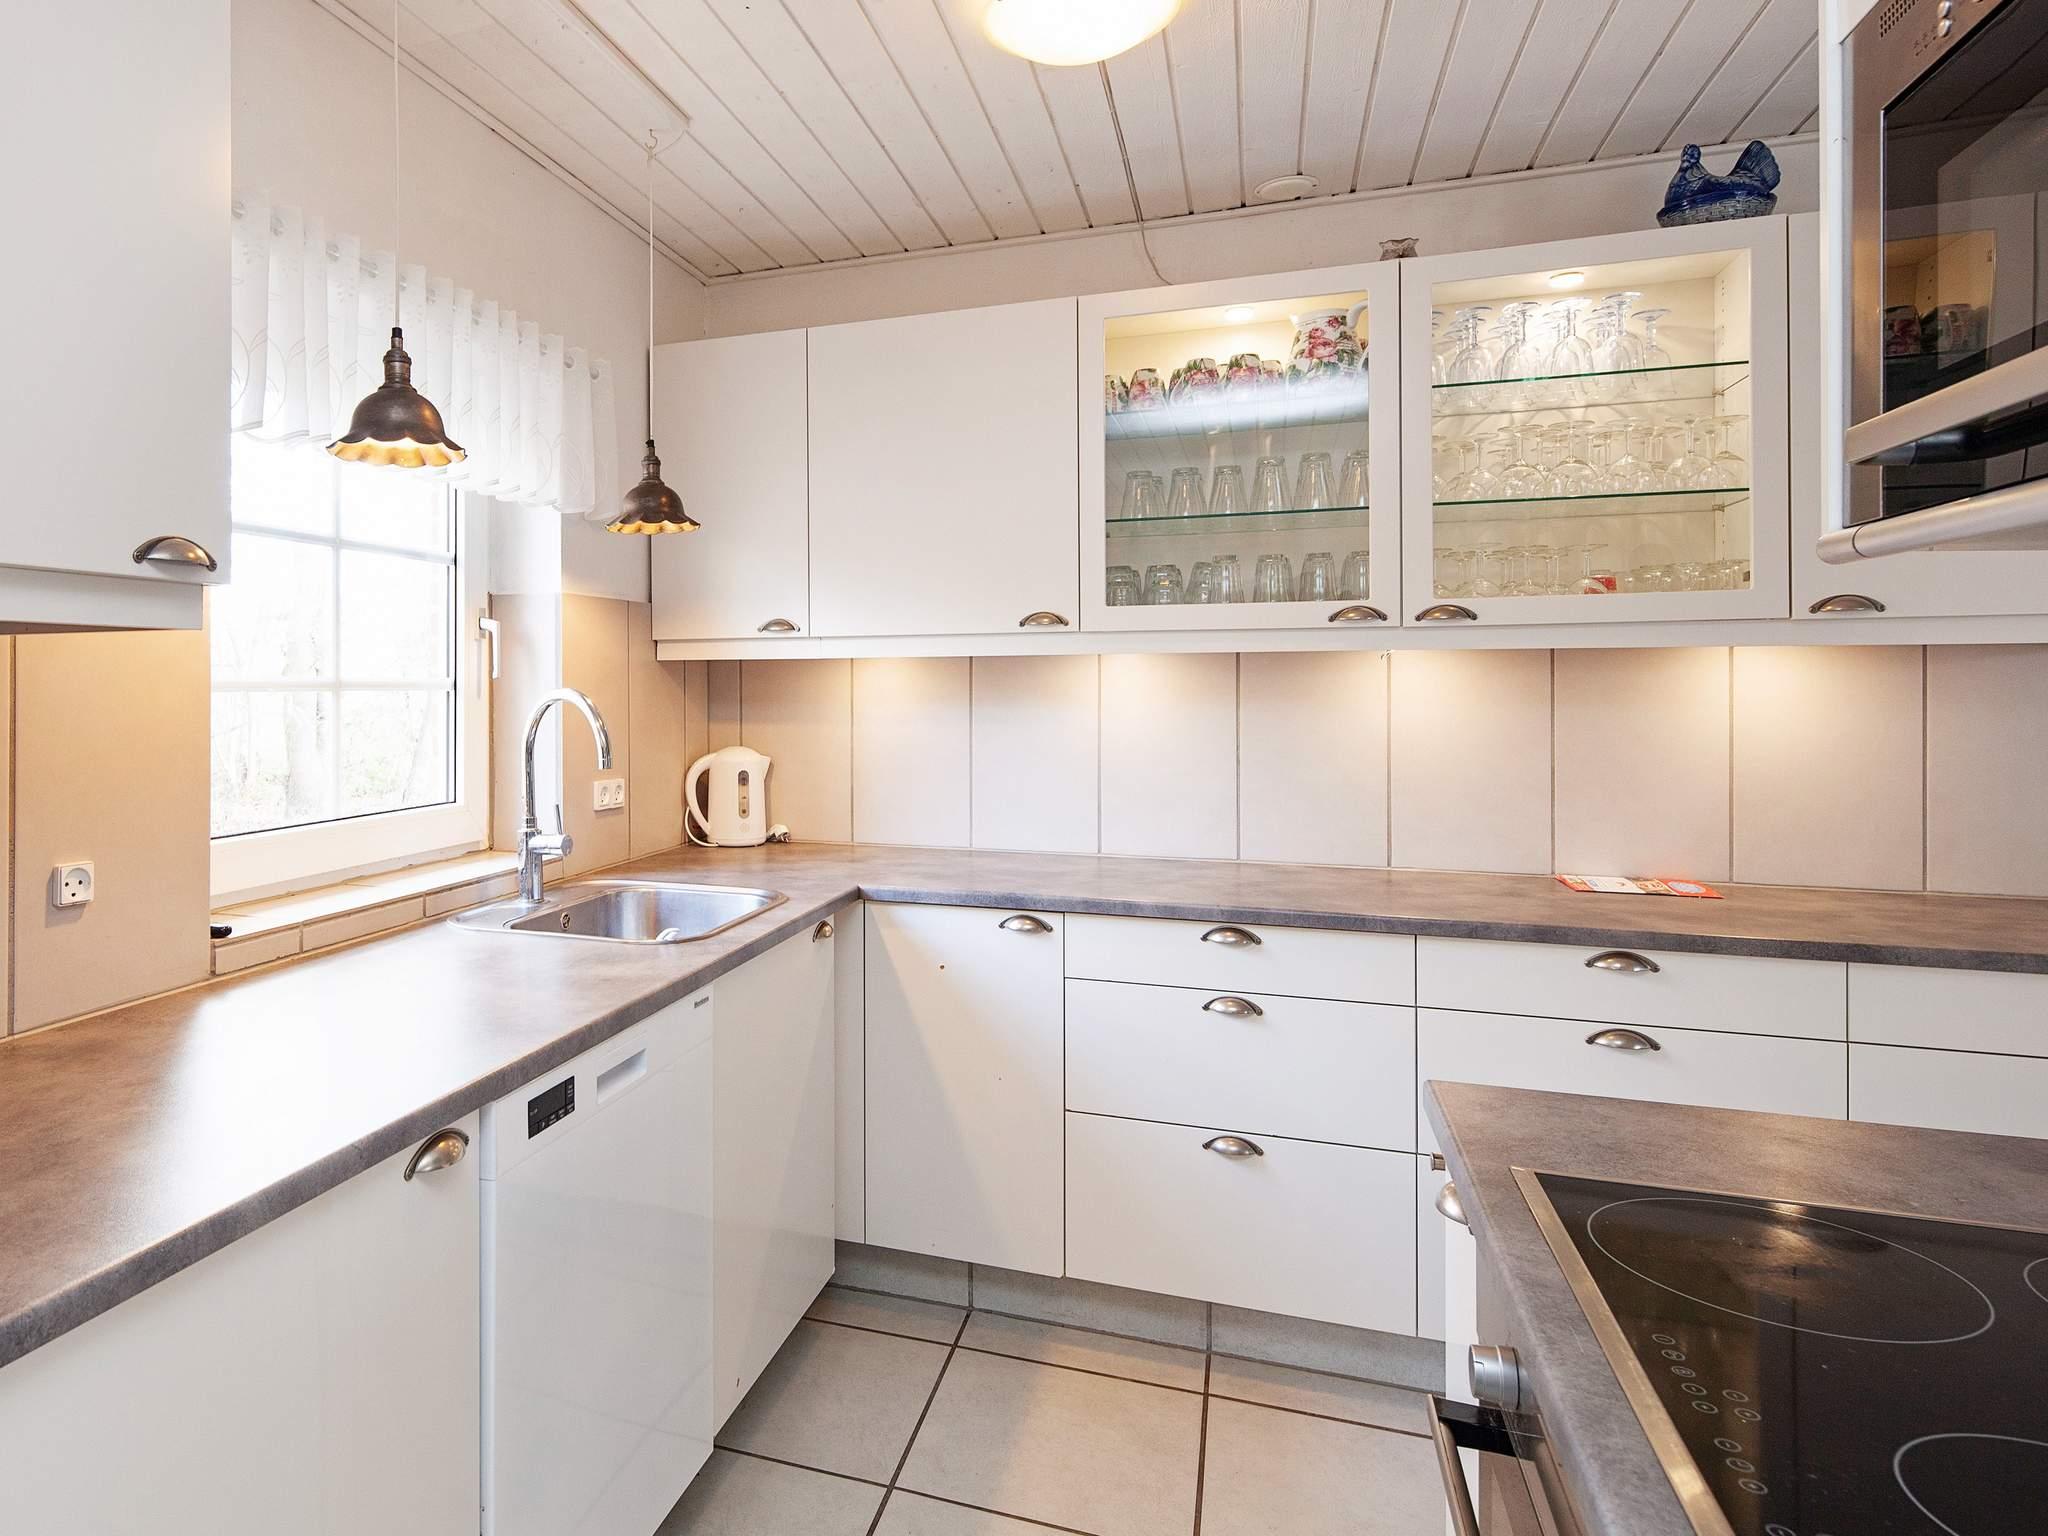 Ferienhaus Marielyst (83201), Marielyst, , Falster, Dänemark, Bild 13